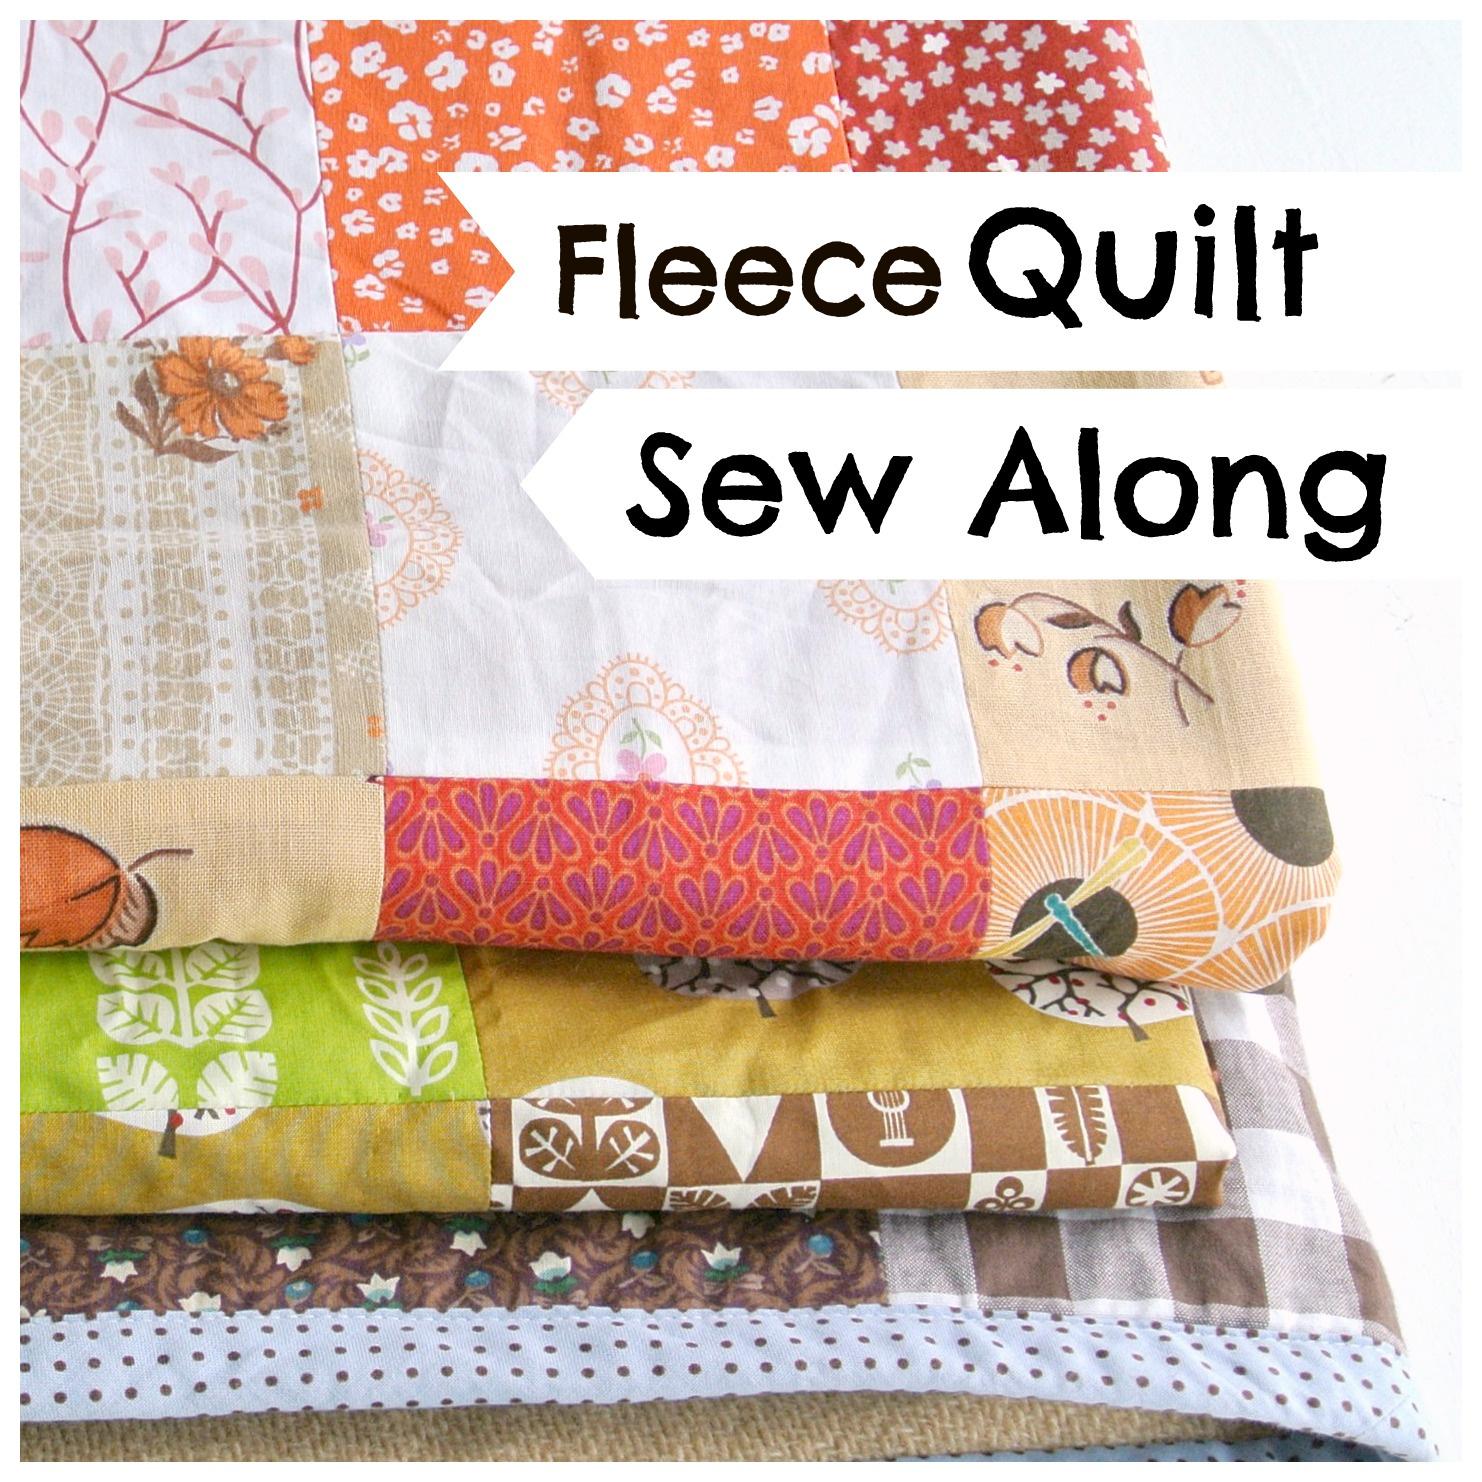 Fleece Quilt SewAlong Logo